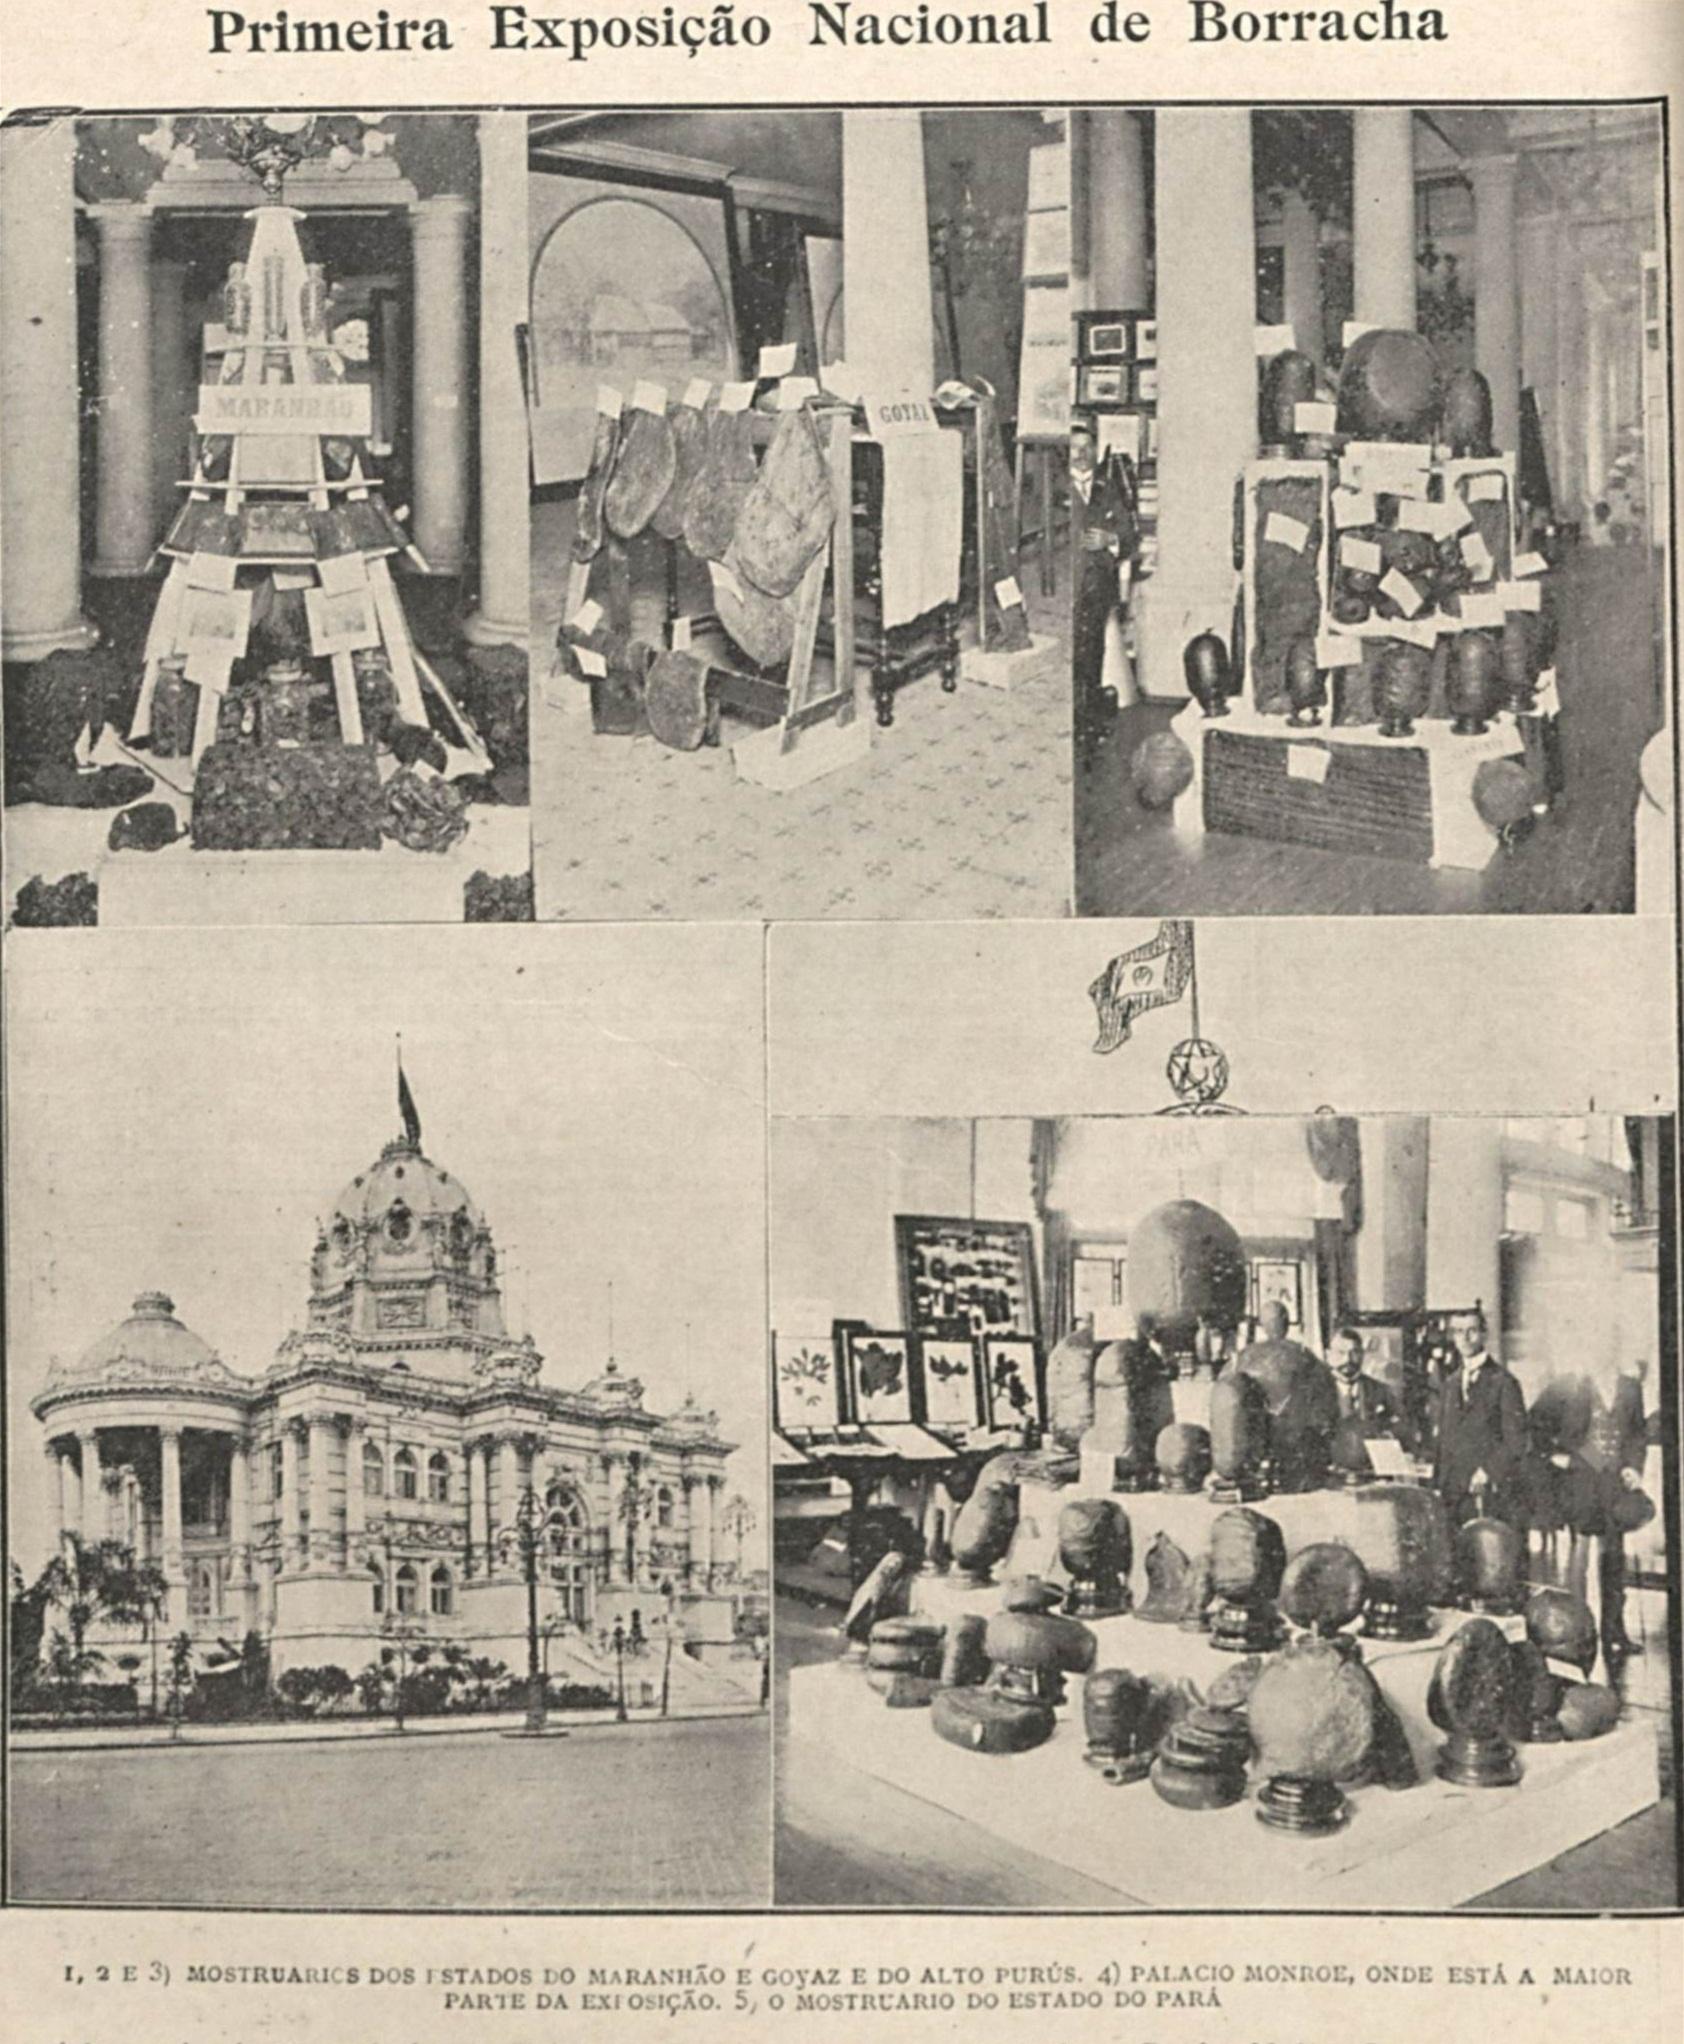 Materiais em Exposição no Palácio Monroe